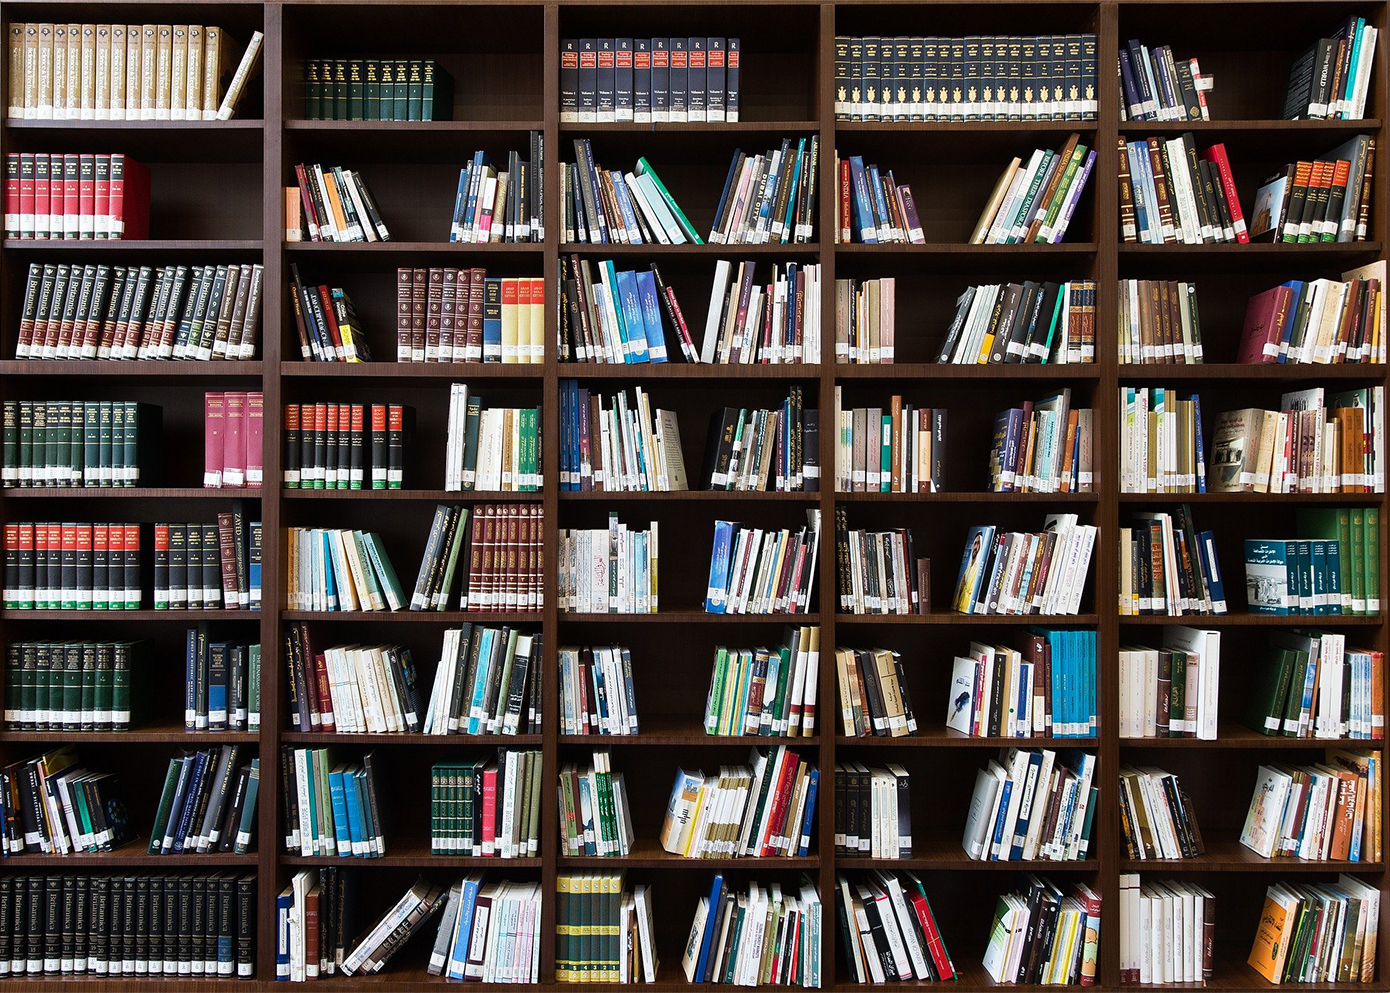 KEFB lädt zum Literaturgespräch über Thomas Mann